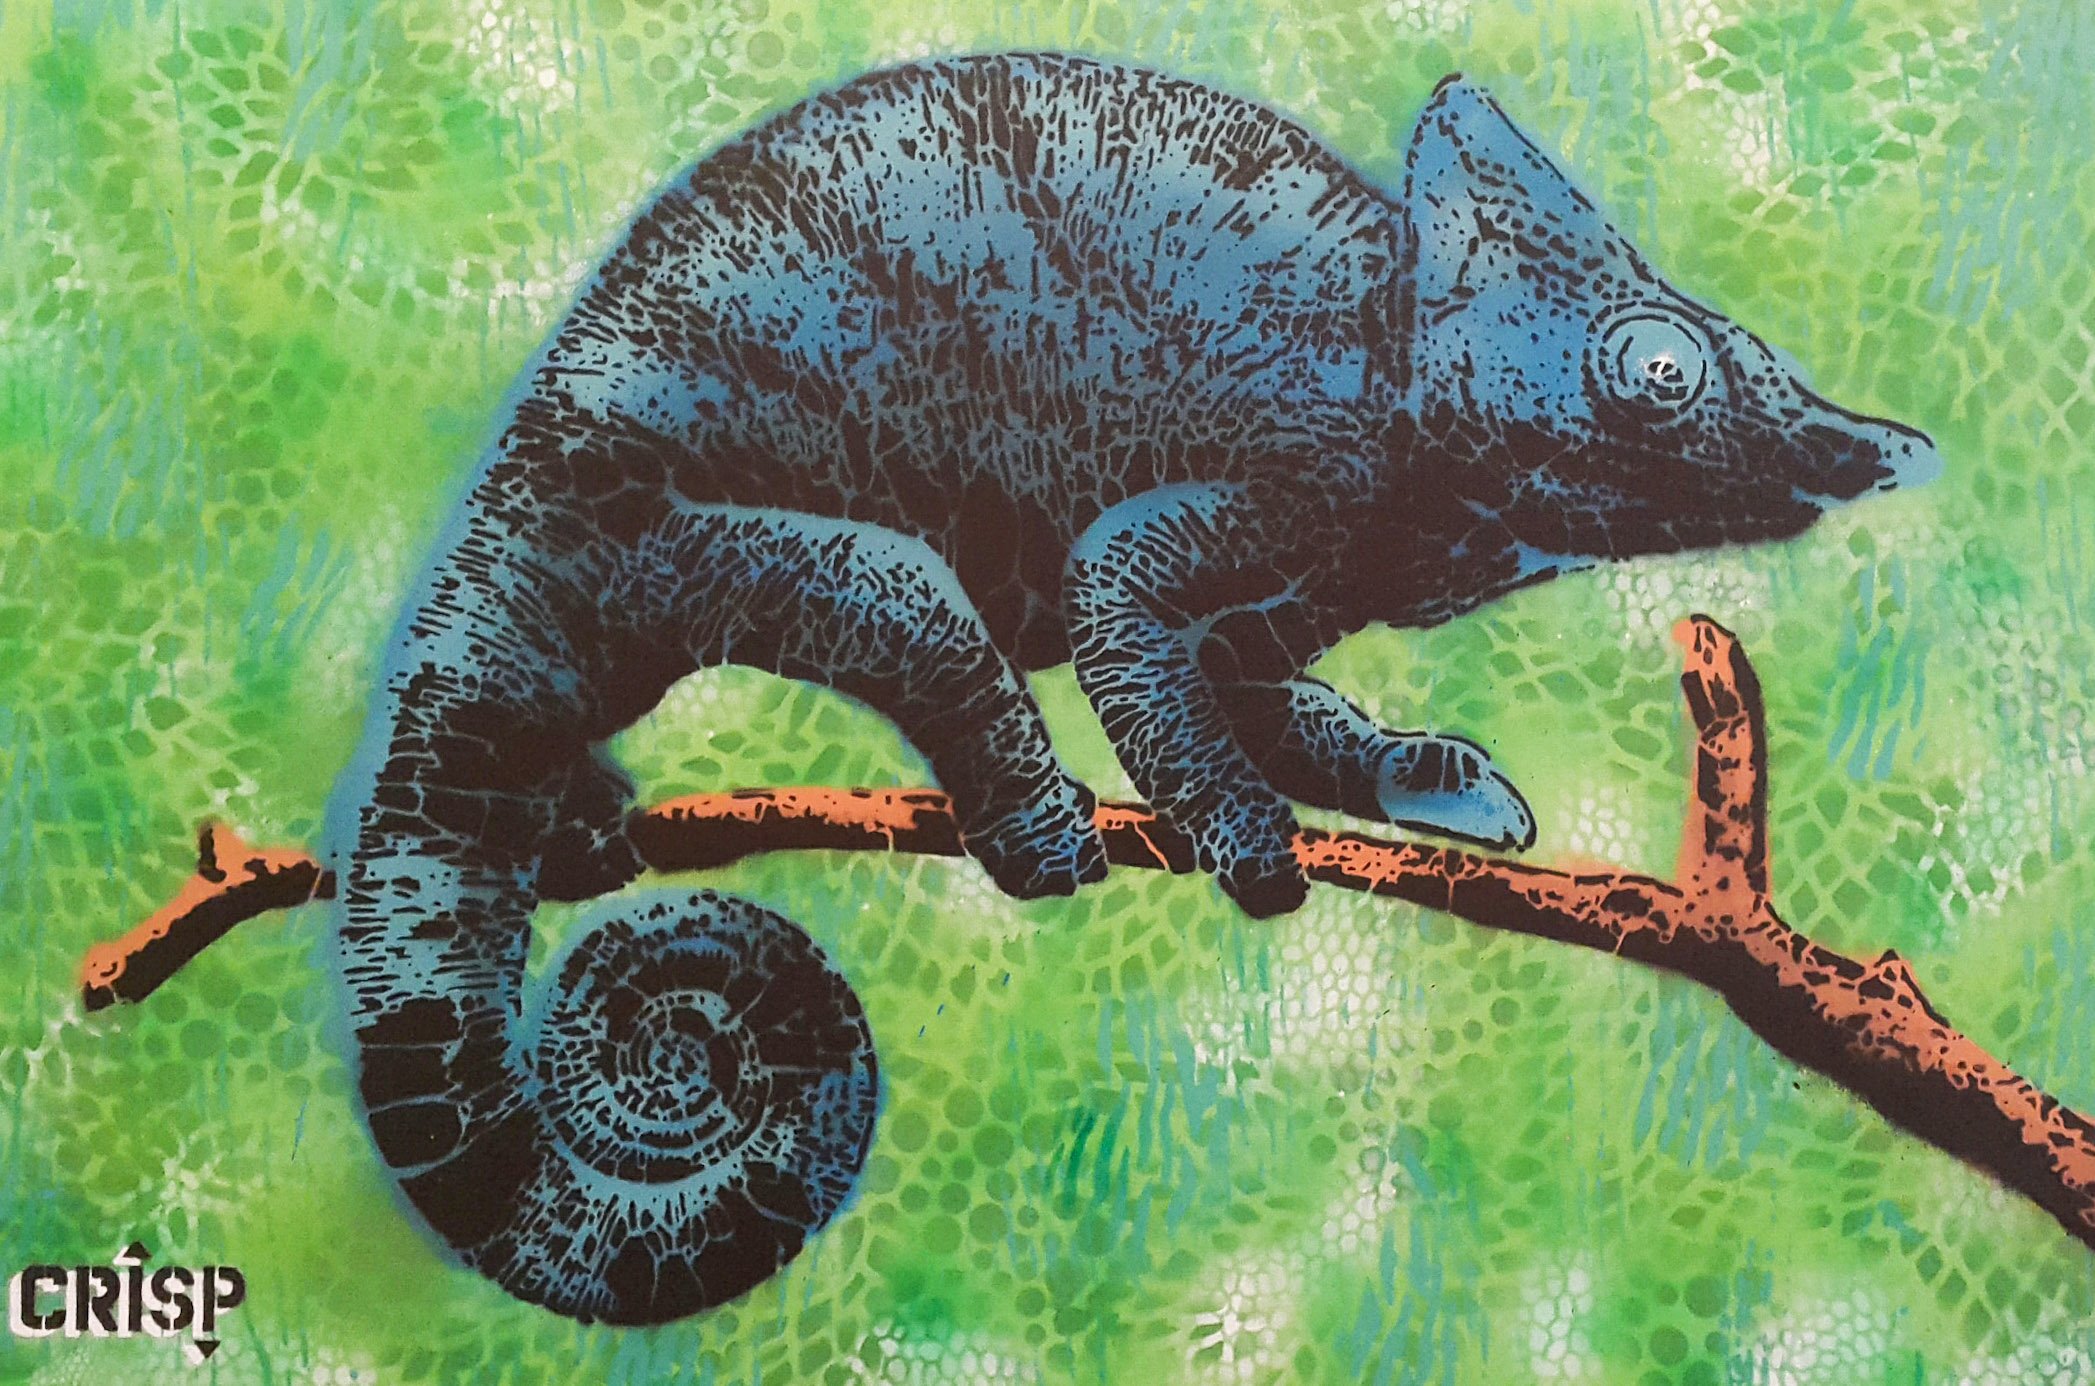 Chameleon (2017) - 70 x 90 cm - Pintura en aerosol sobre lienzo / Spray paint on canvas